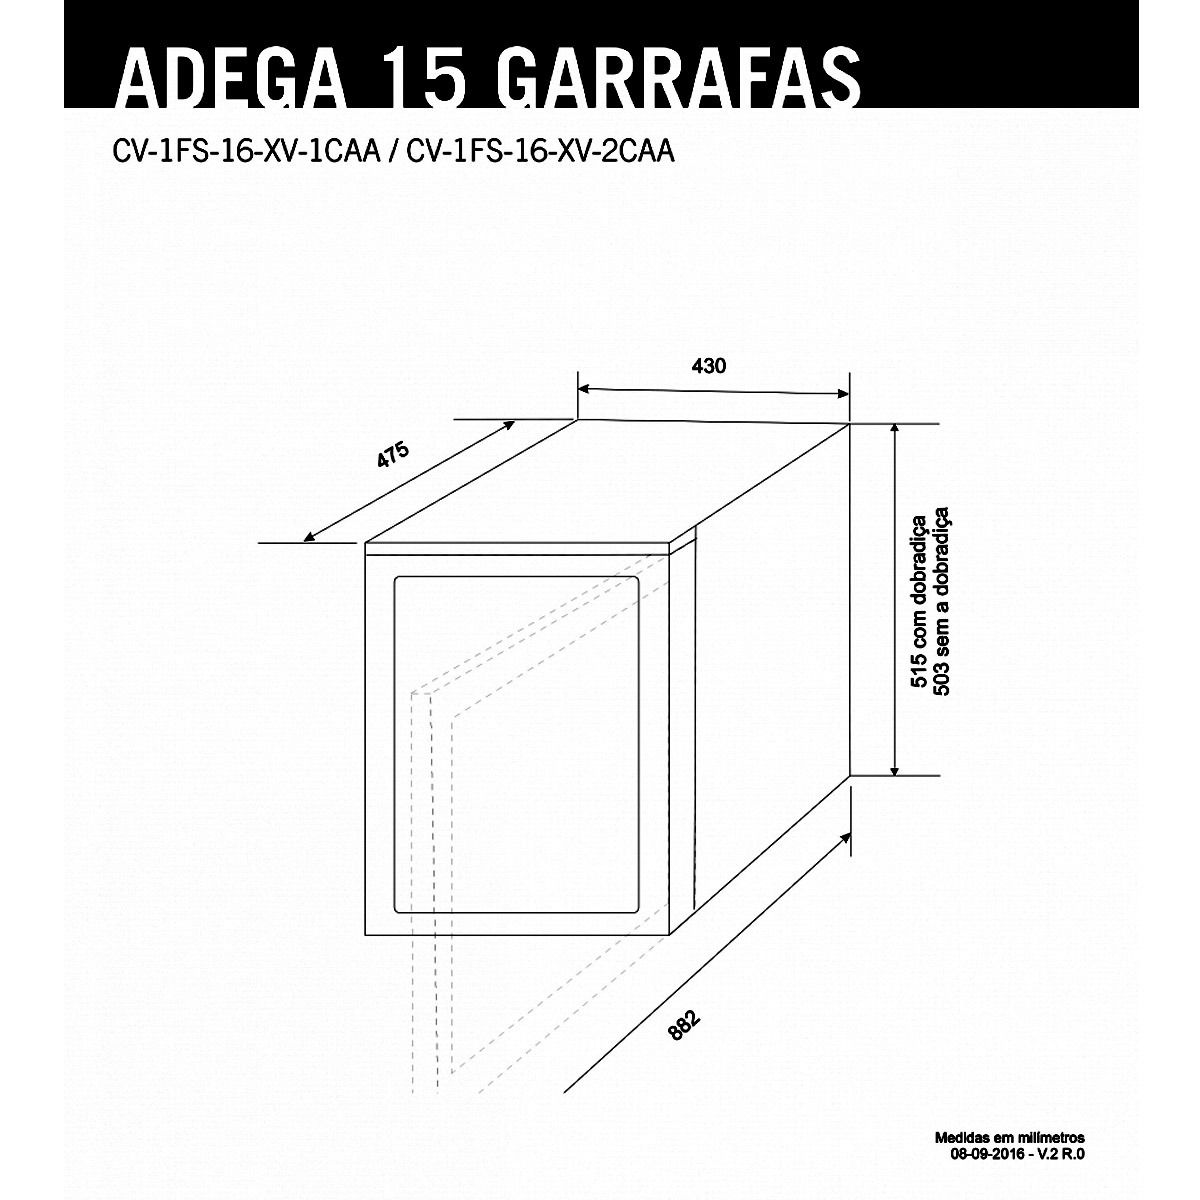 Adega Elettromec 15 Garrafas